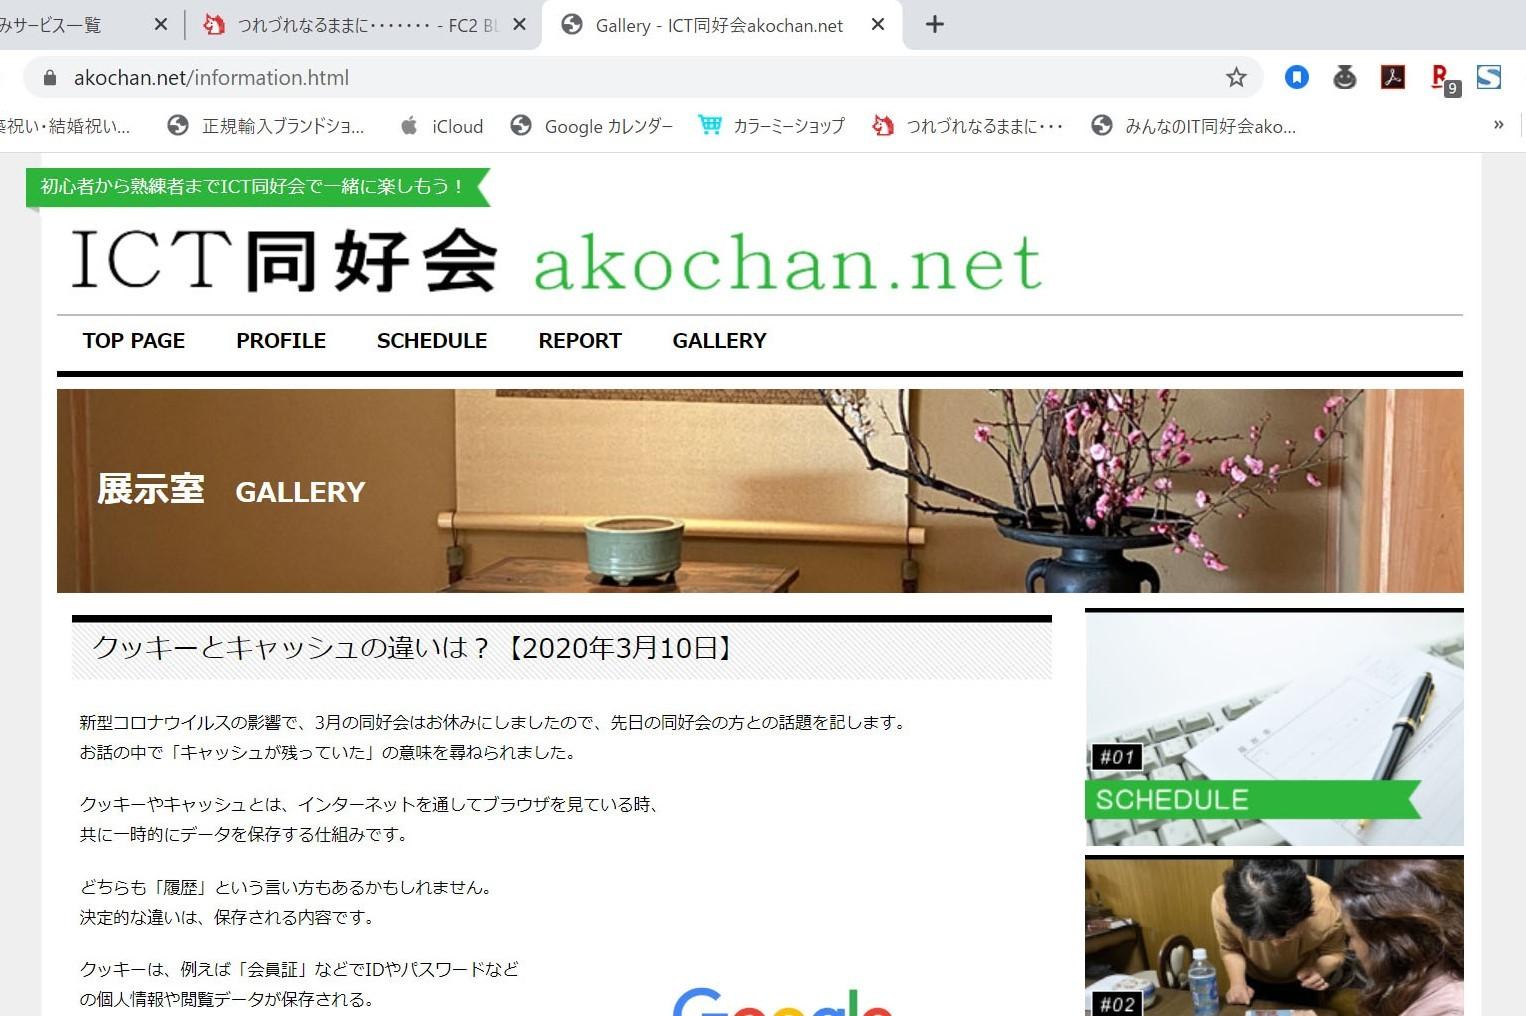 akochan.net更新